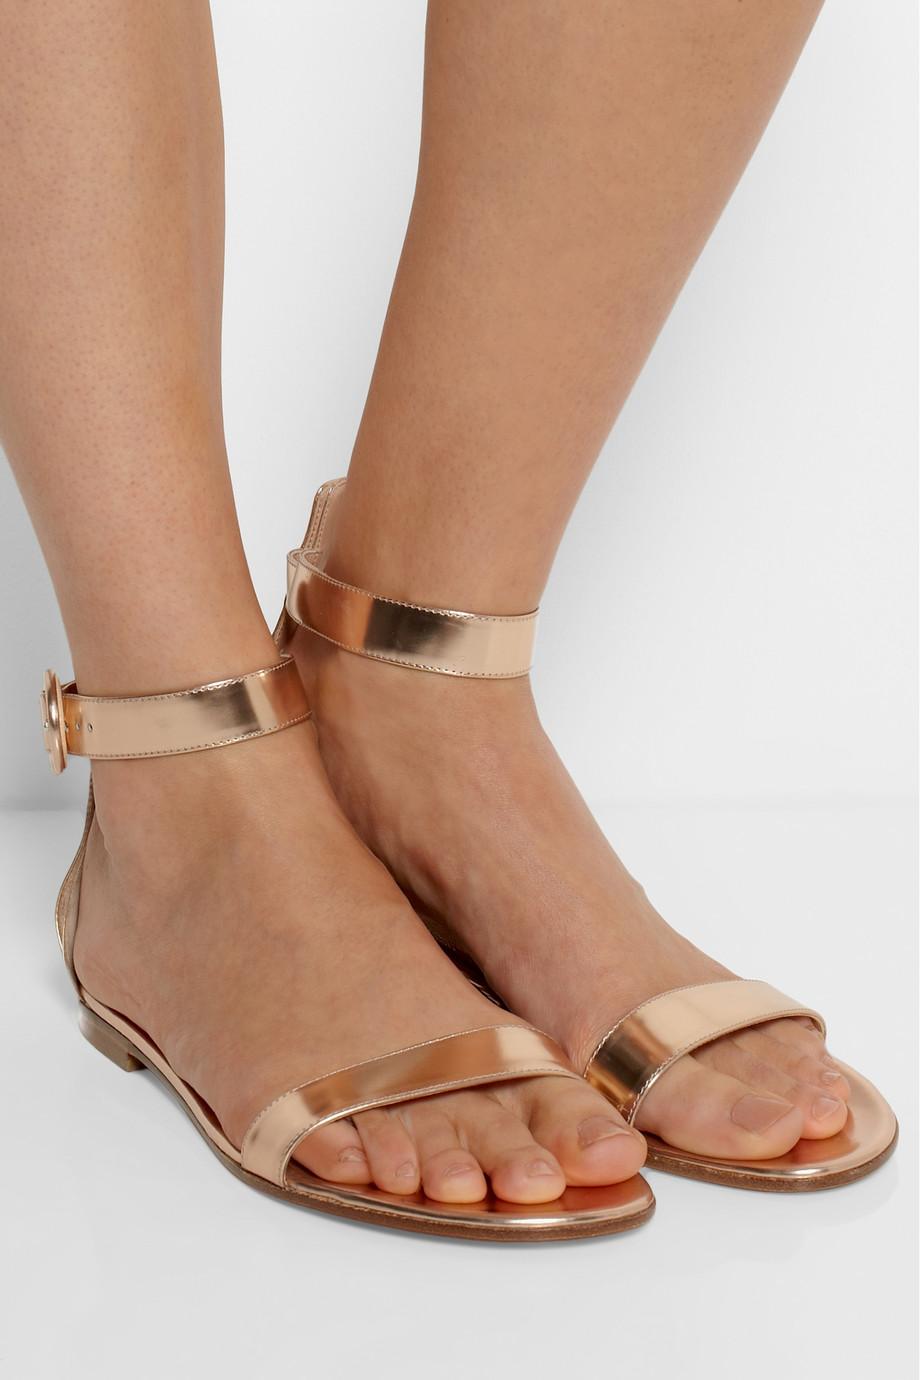 sade metalik altin sandalet modelleri1 Yaz Sezonu Sandalet Modelleri 20